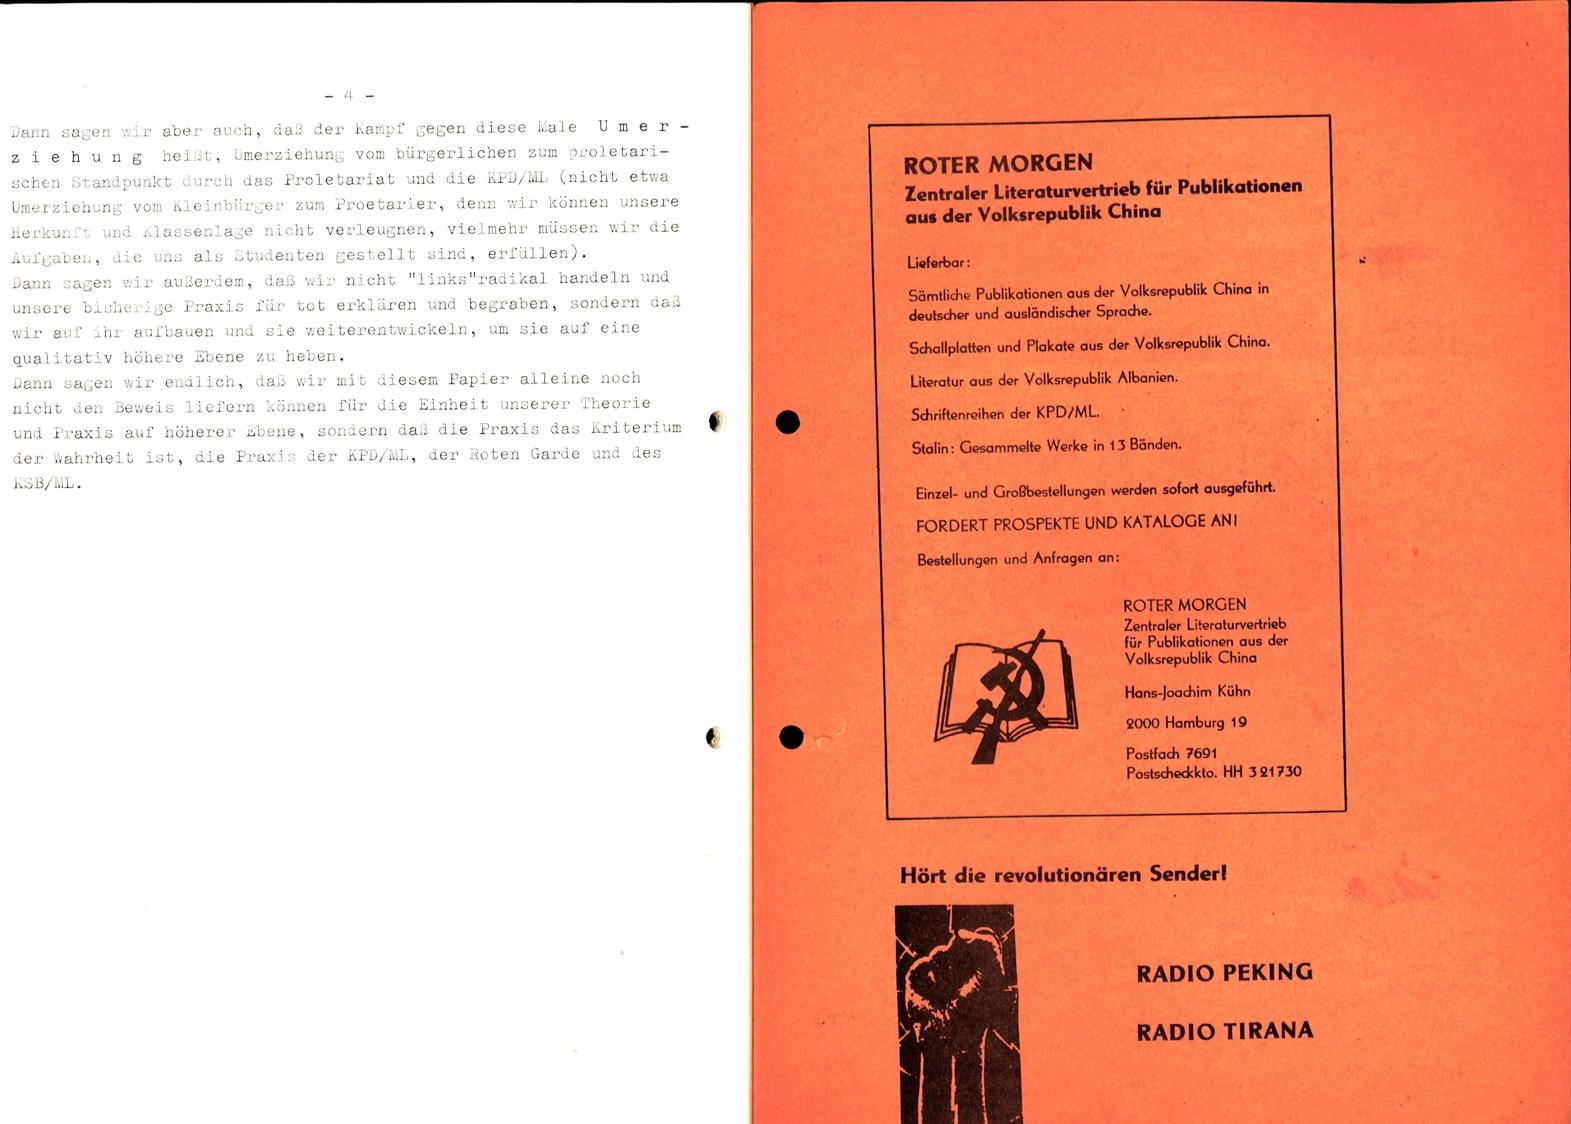 Aachen_KSBML_1971_Selbstkritik_32